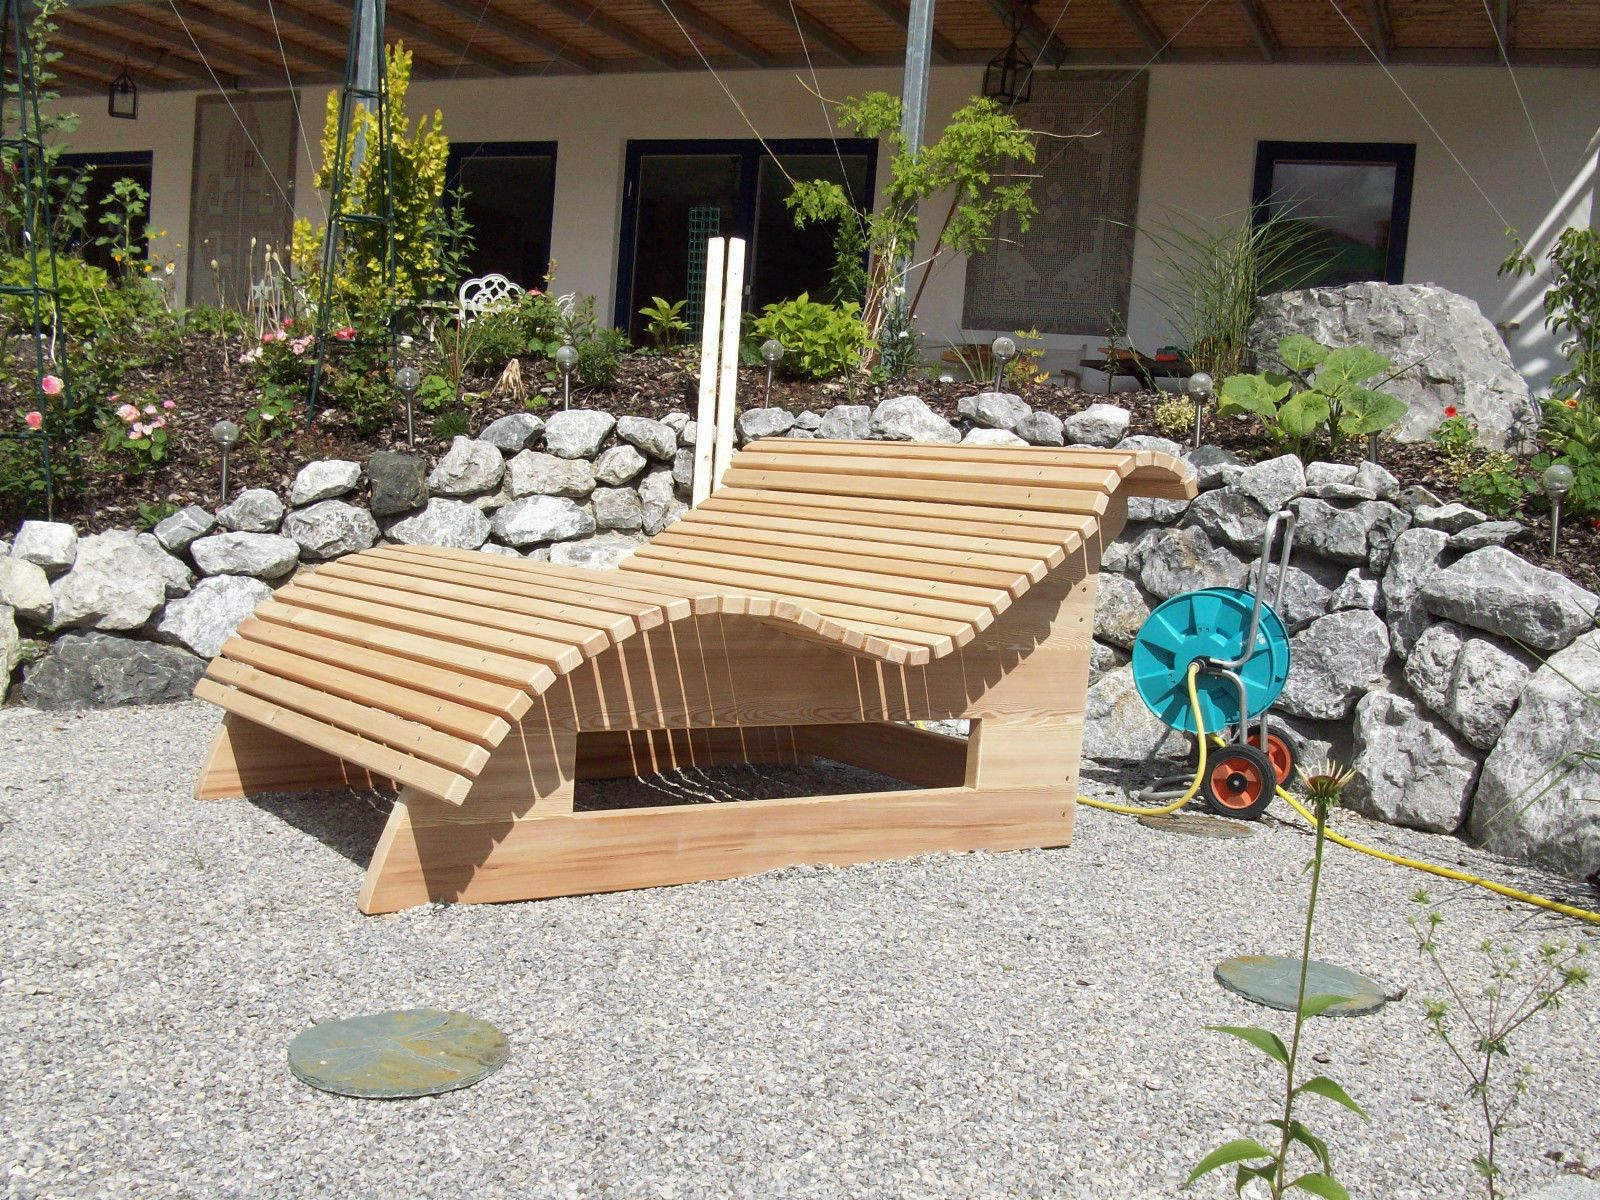 Beste Gartenliege 2 Personen Bild Von Wohndesign Ideen